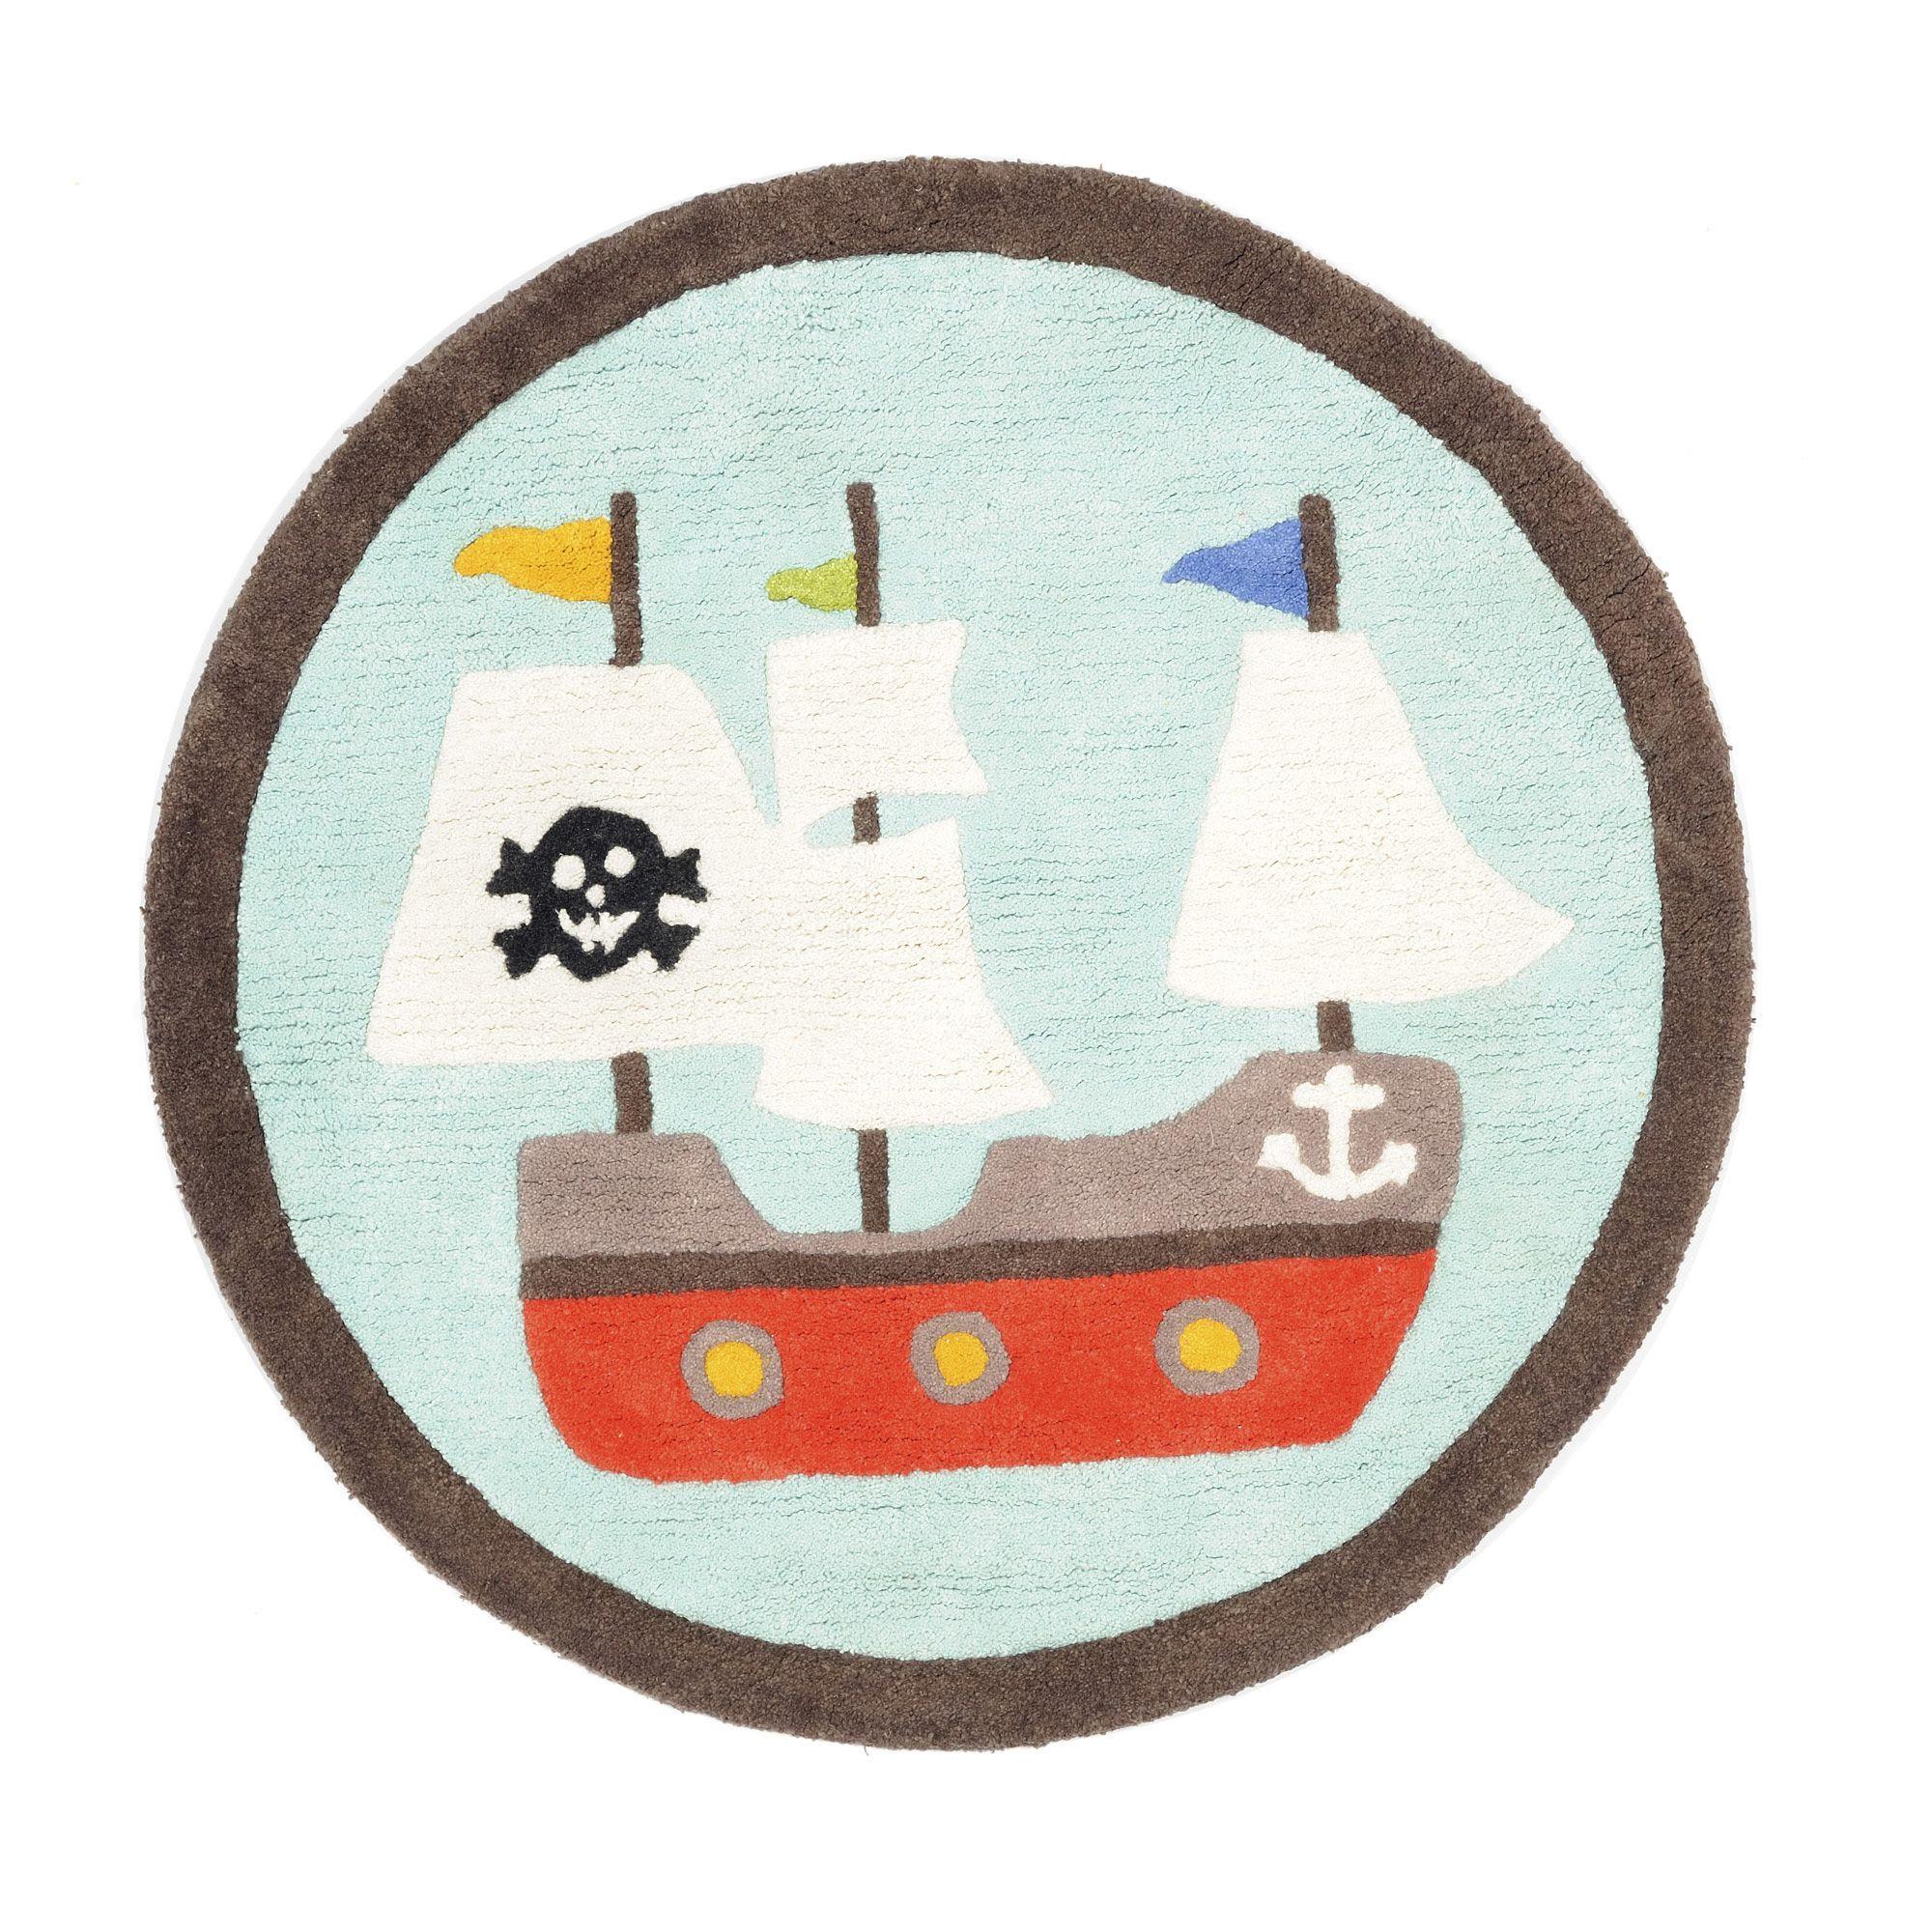 Tapis rond enfant Bleu Pirate Les tapis de chambre d enfants